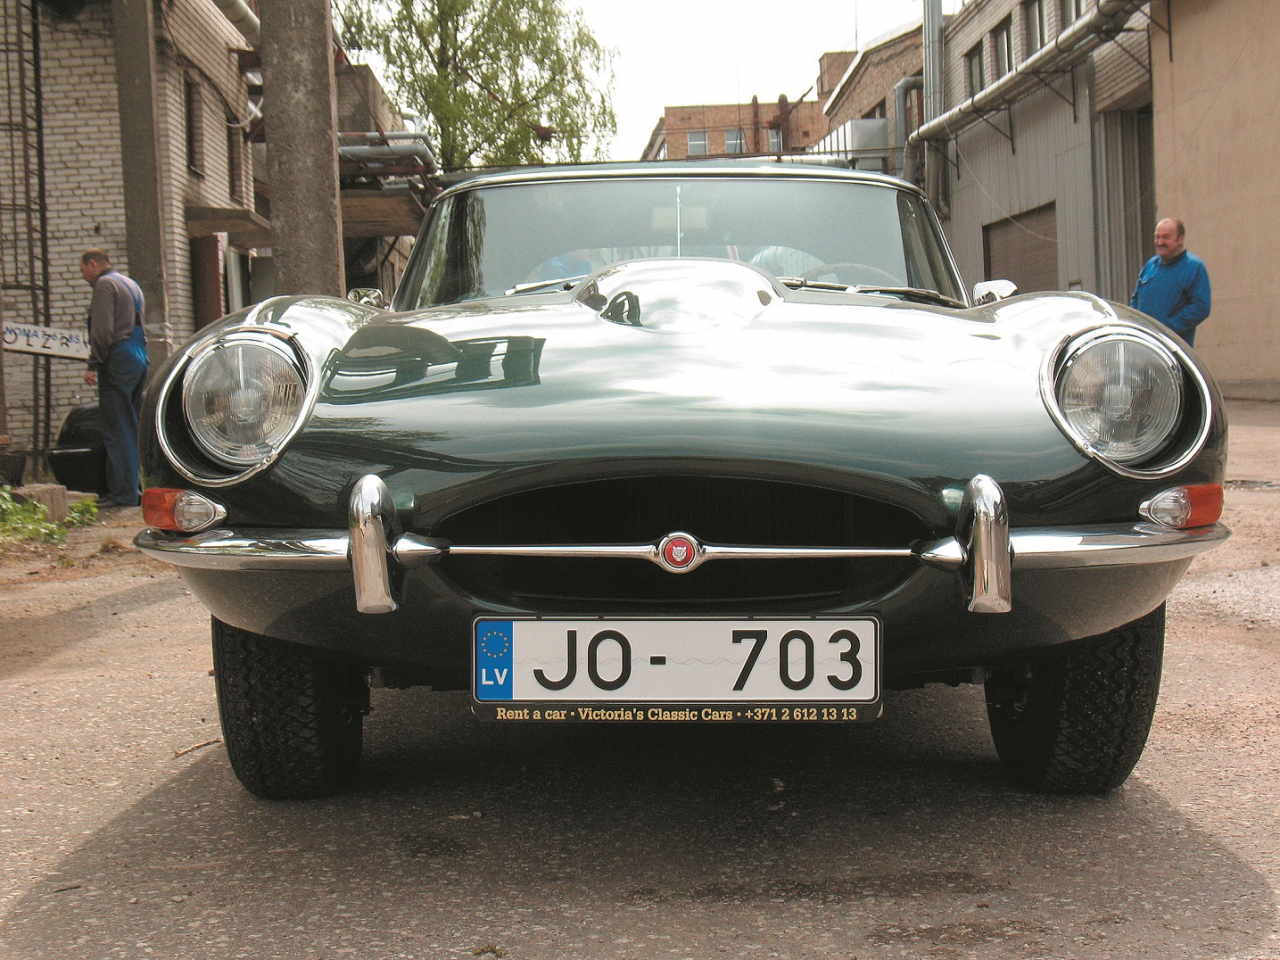 Ovālā gaisa ieplūdes atvere – radiatora maska, ar šauru hromētu dekoratīvo stieni, kura vidū Jaguar emblēma. E-type reģistrācijas numura zīmes stiprinās virs šīs atveres uz motora pārsega, vienīgi Latvijas standarts to nepieļauj.